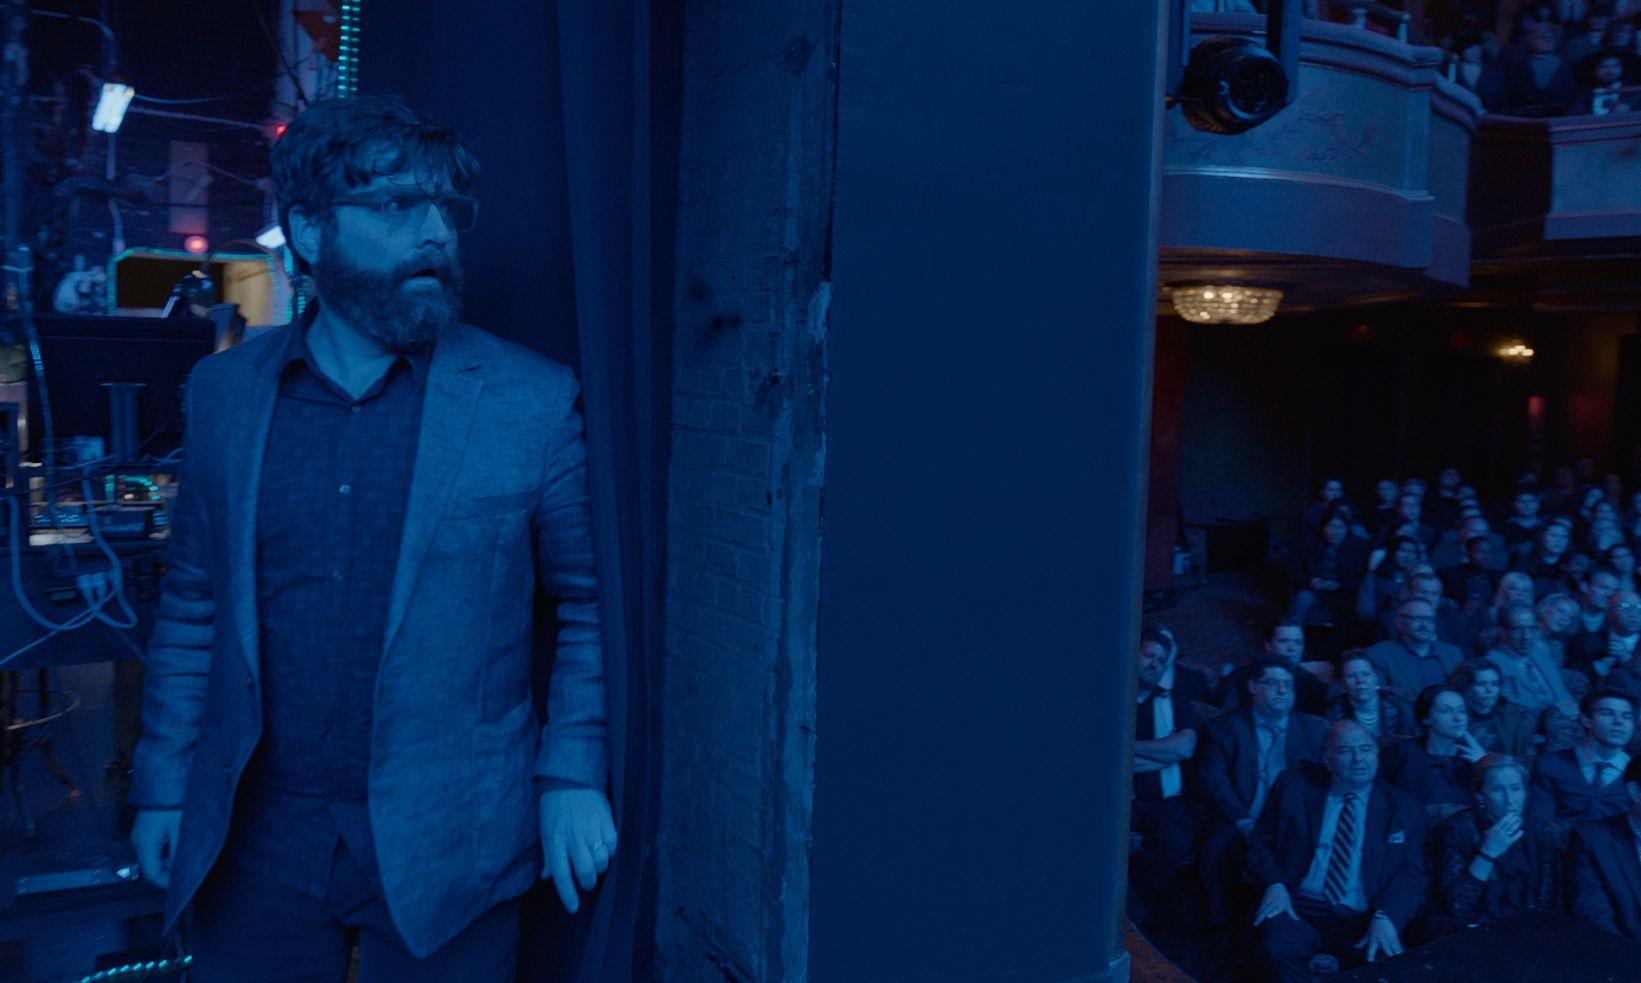 Zach Galifianakis as Jake backstage in Birdman